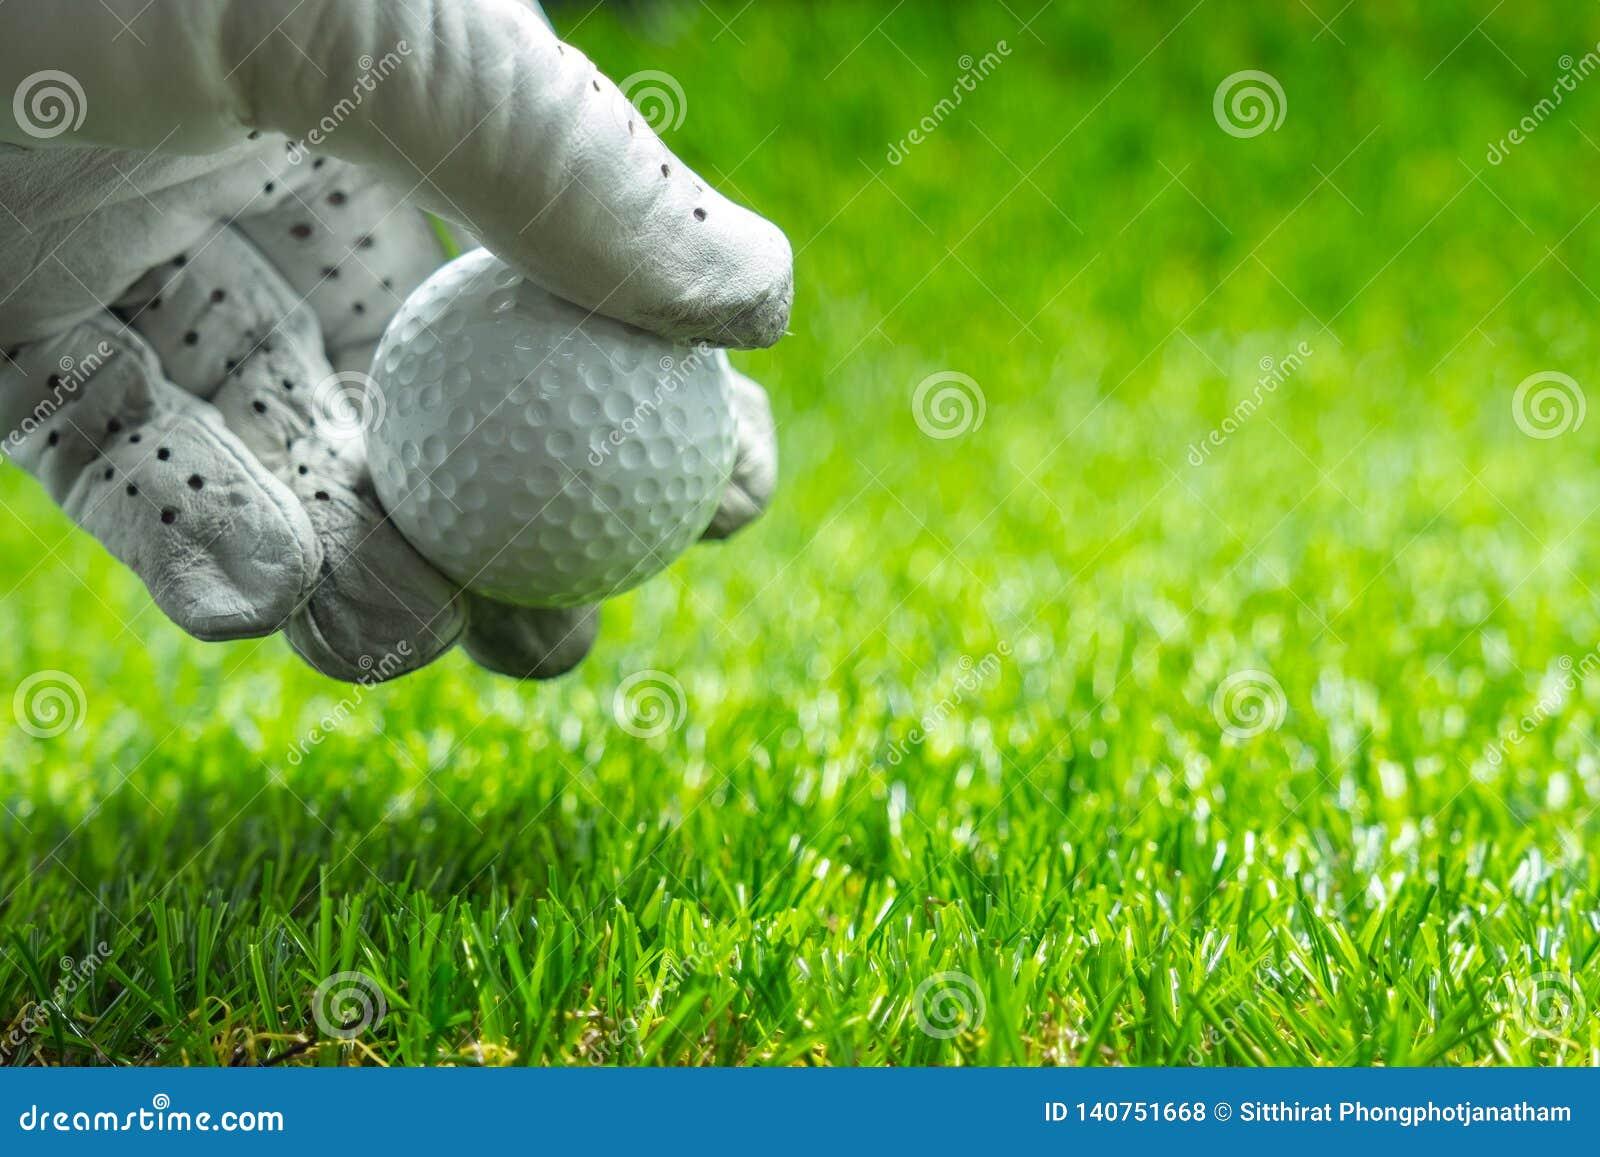 Prenez une boule de golf sur l herbe verte